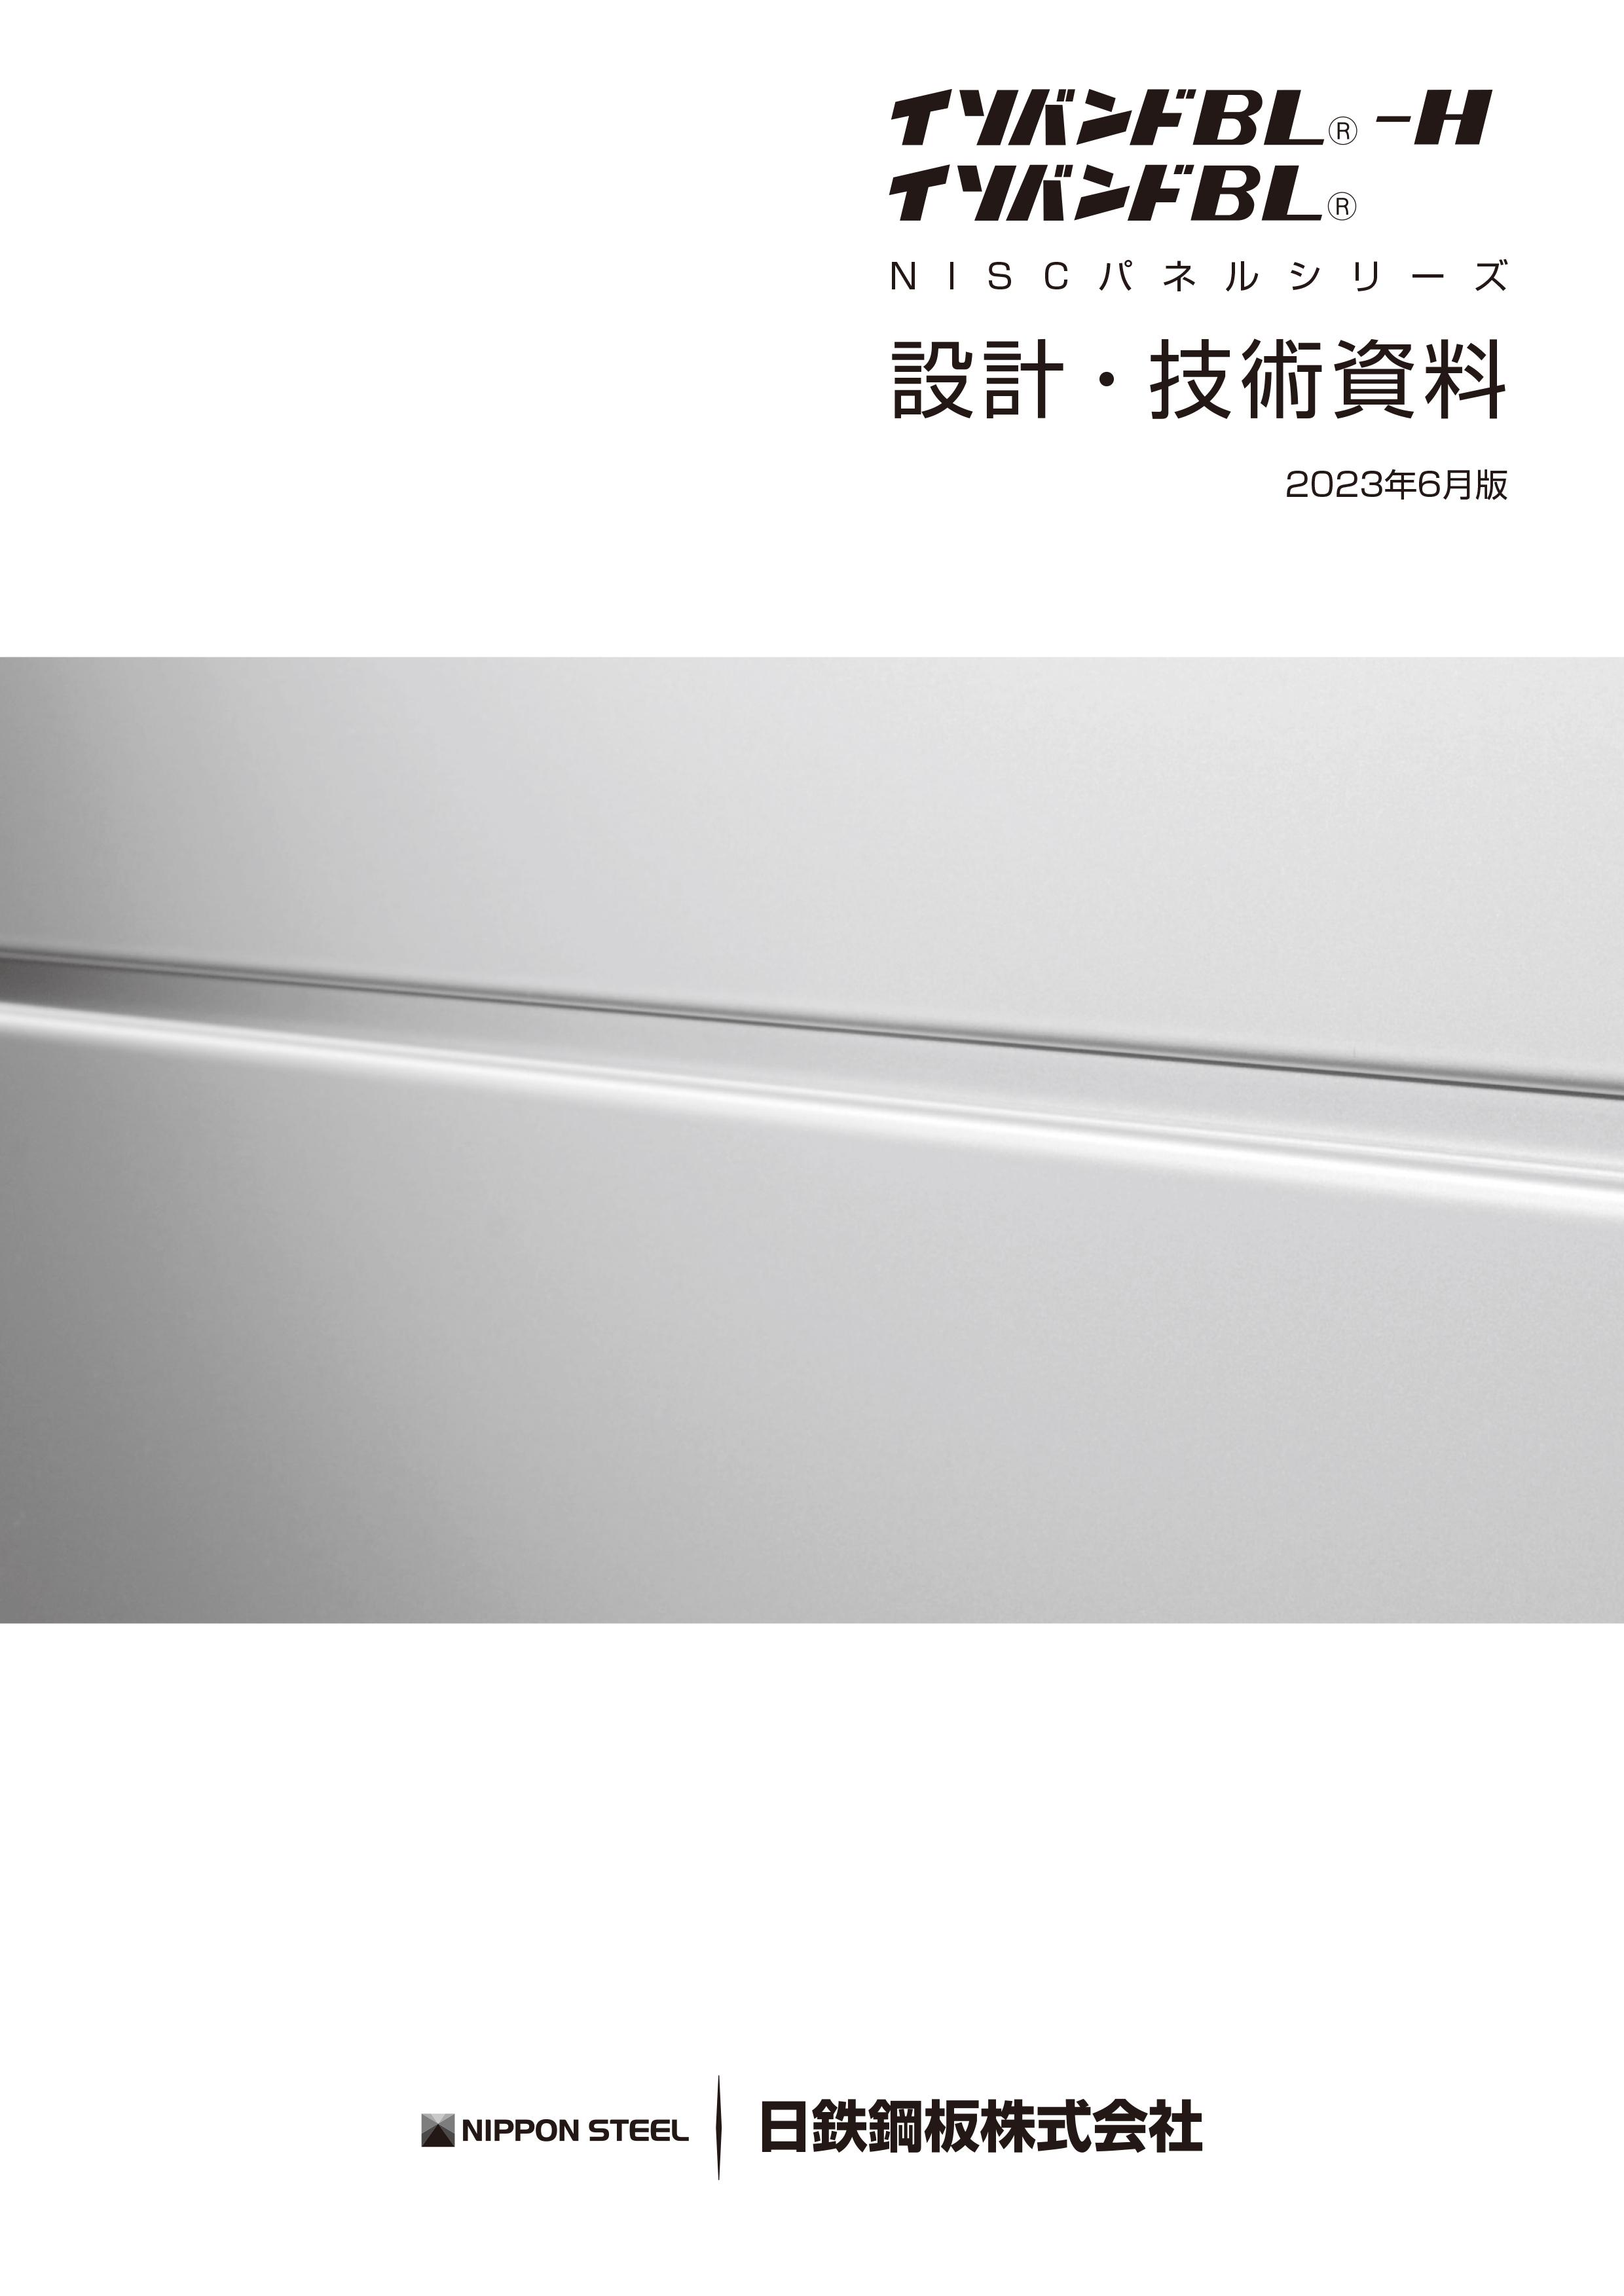 イソバンドBL-Hの設計・技術資料